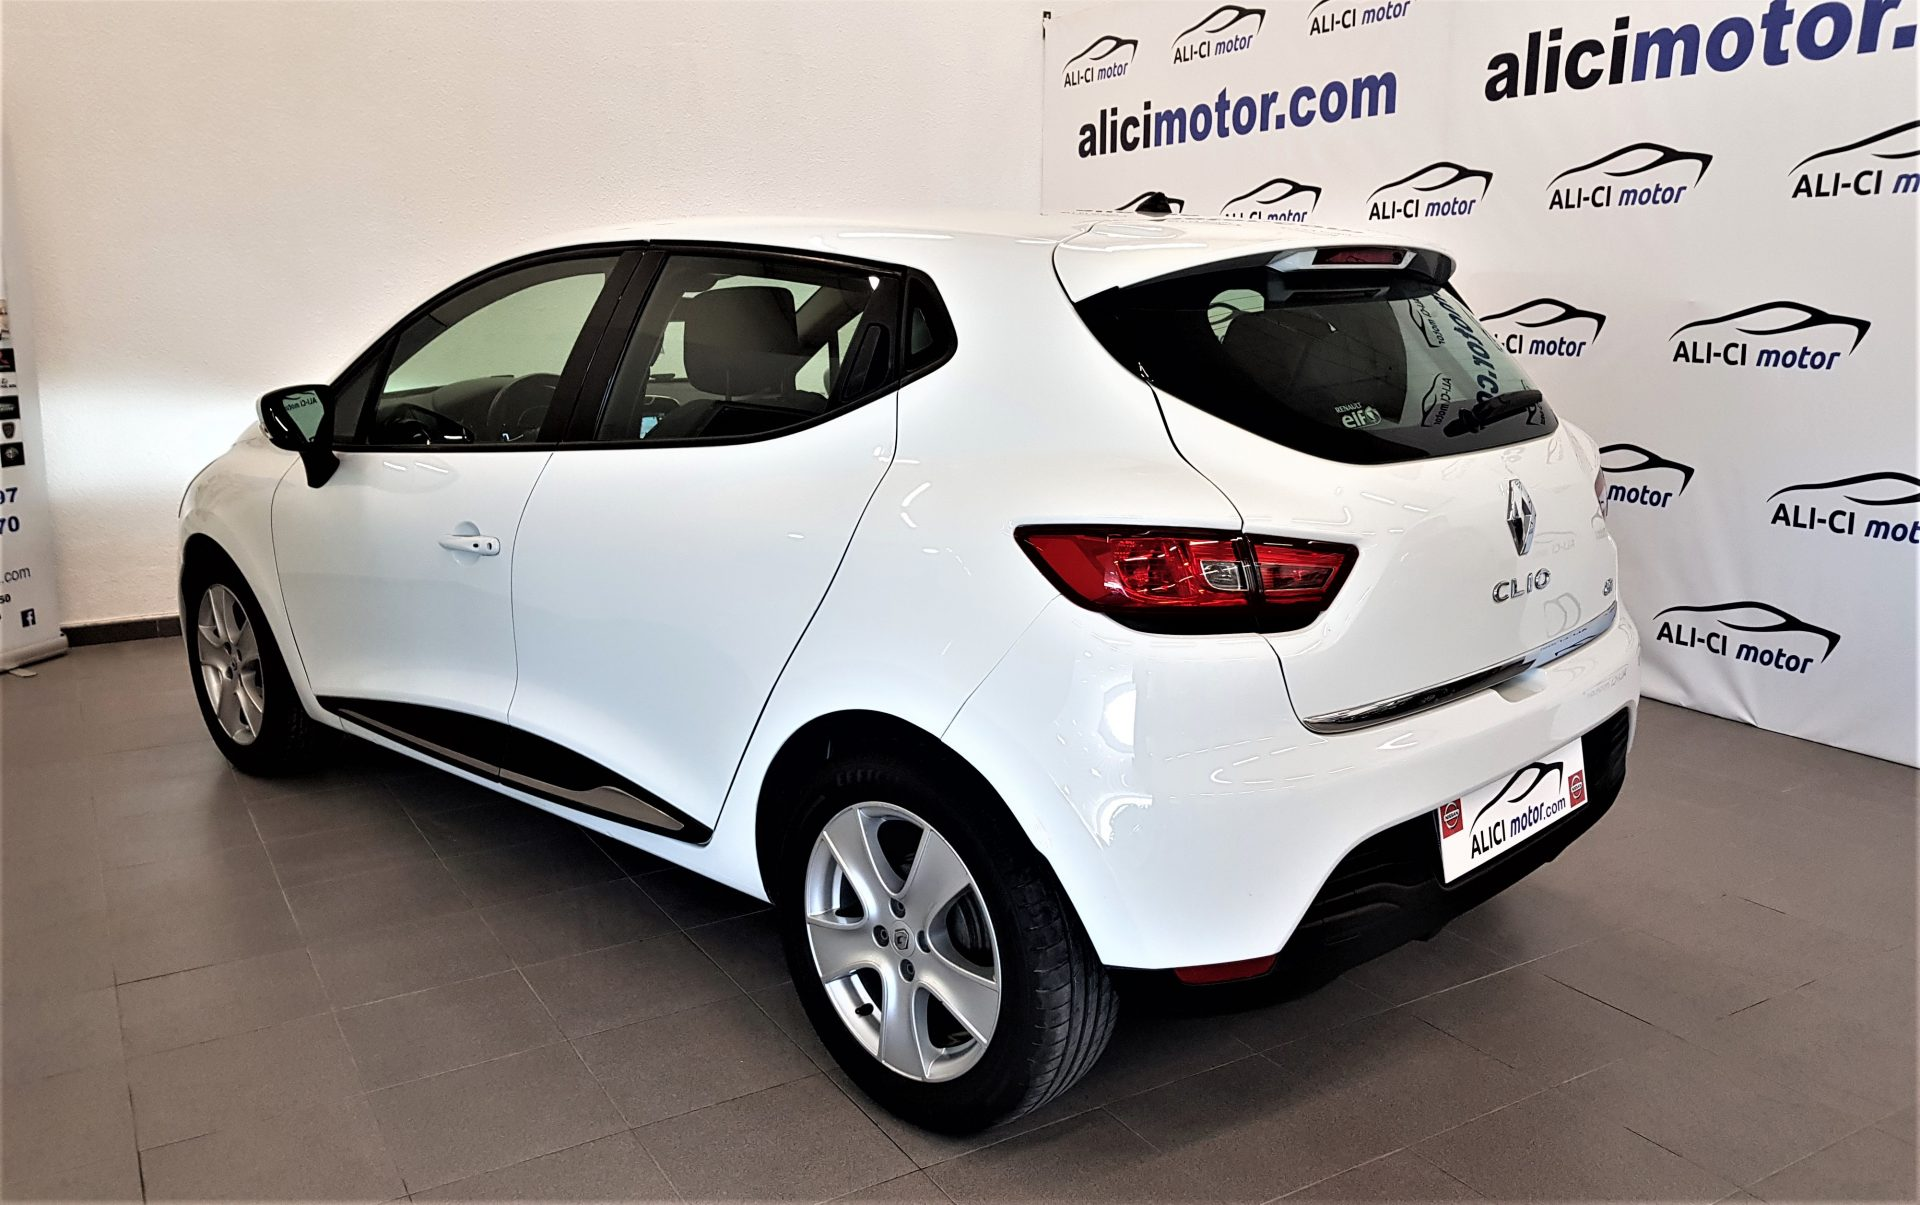 Renault Clio Diésel con Navegador, Cámara y Sensores